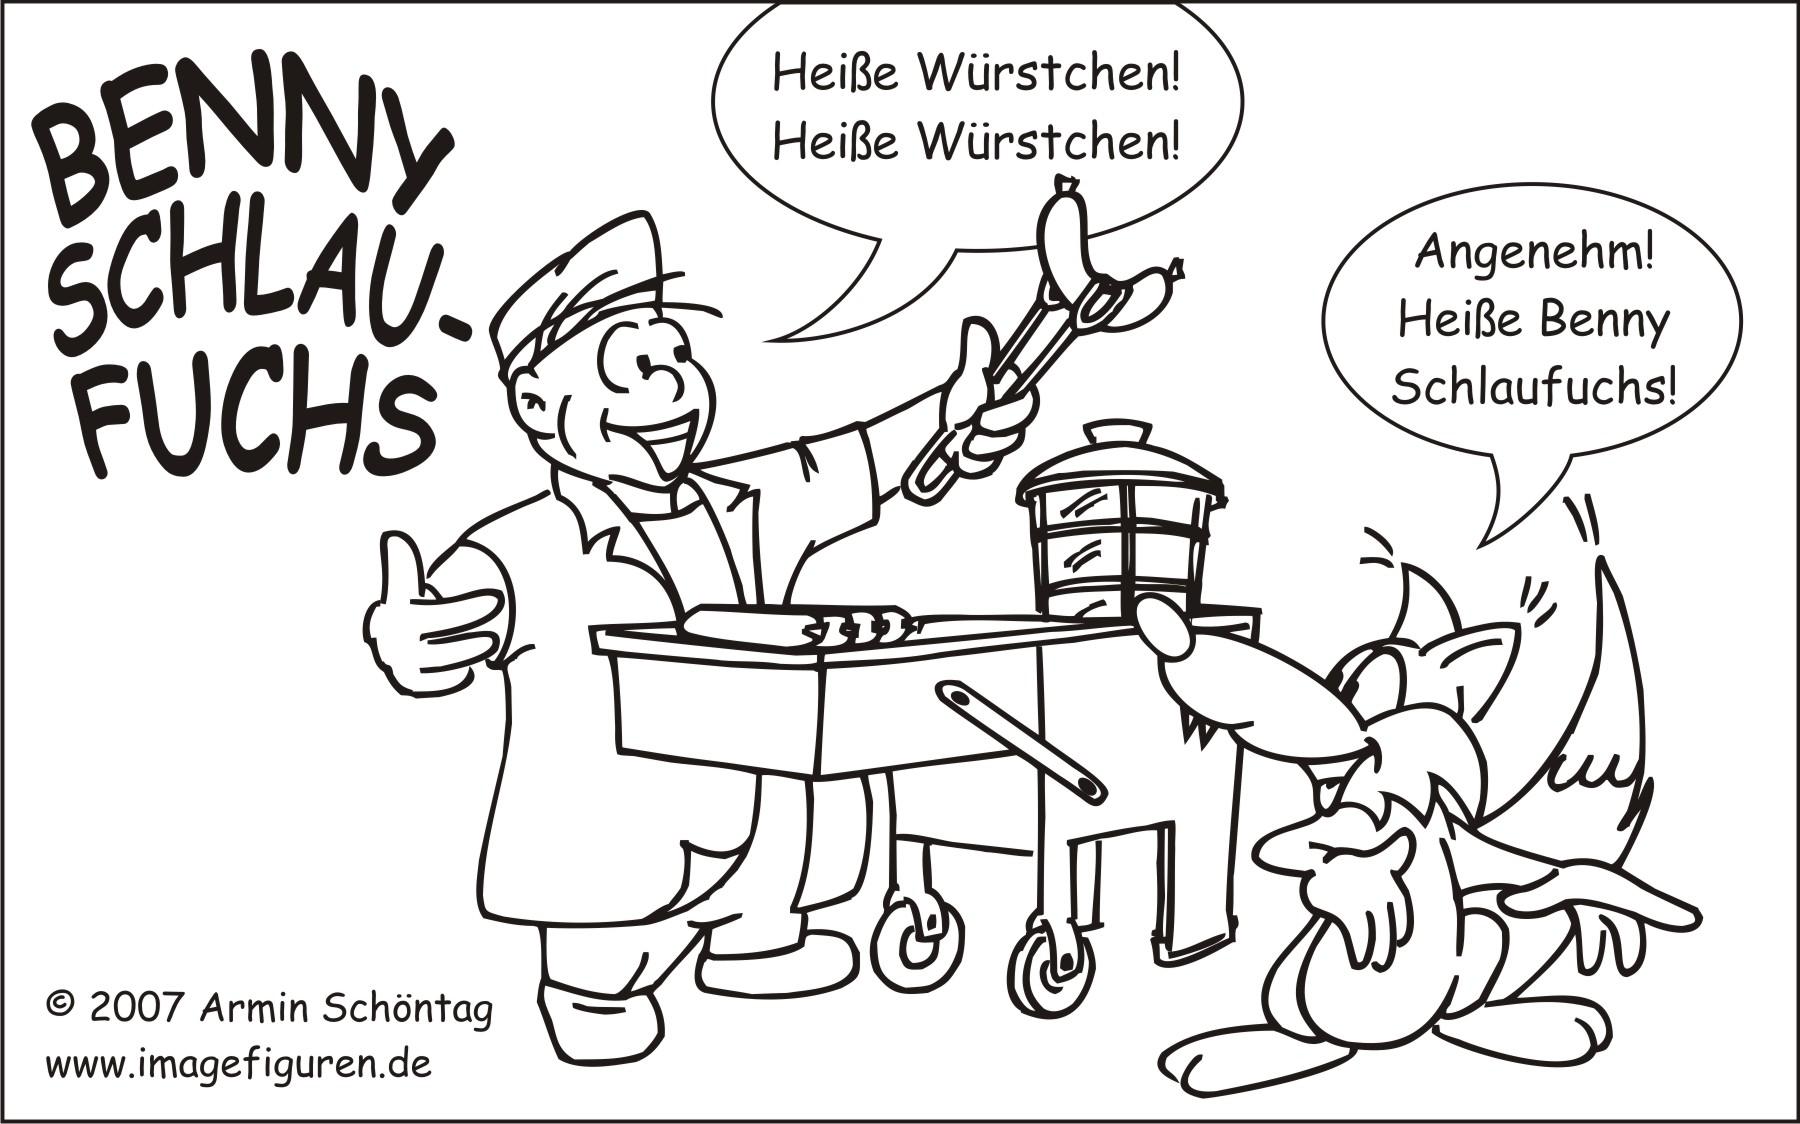 Benny Schlaufuchs von Imagefiguren, Heisse Würstchen